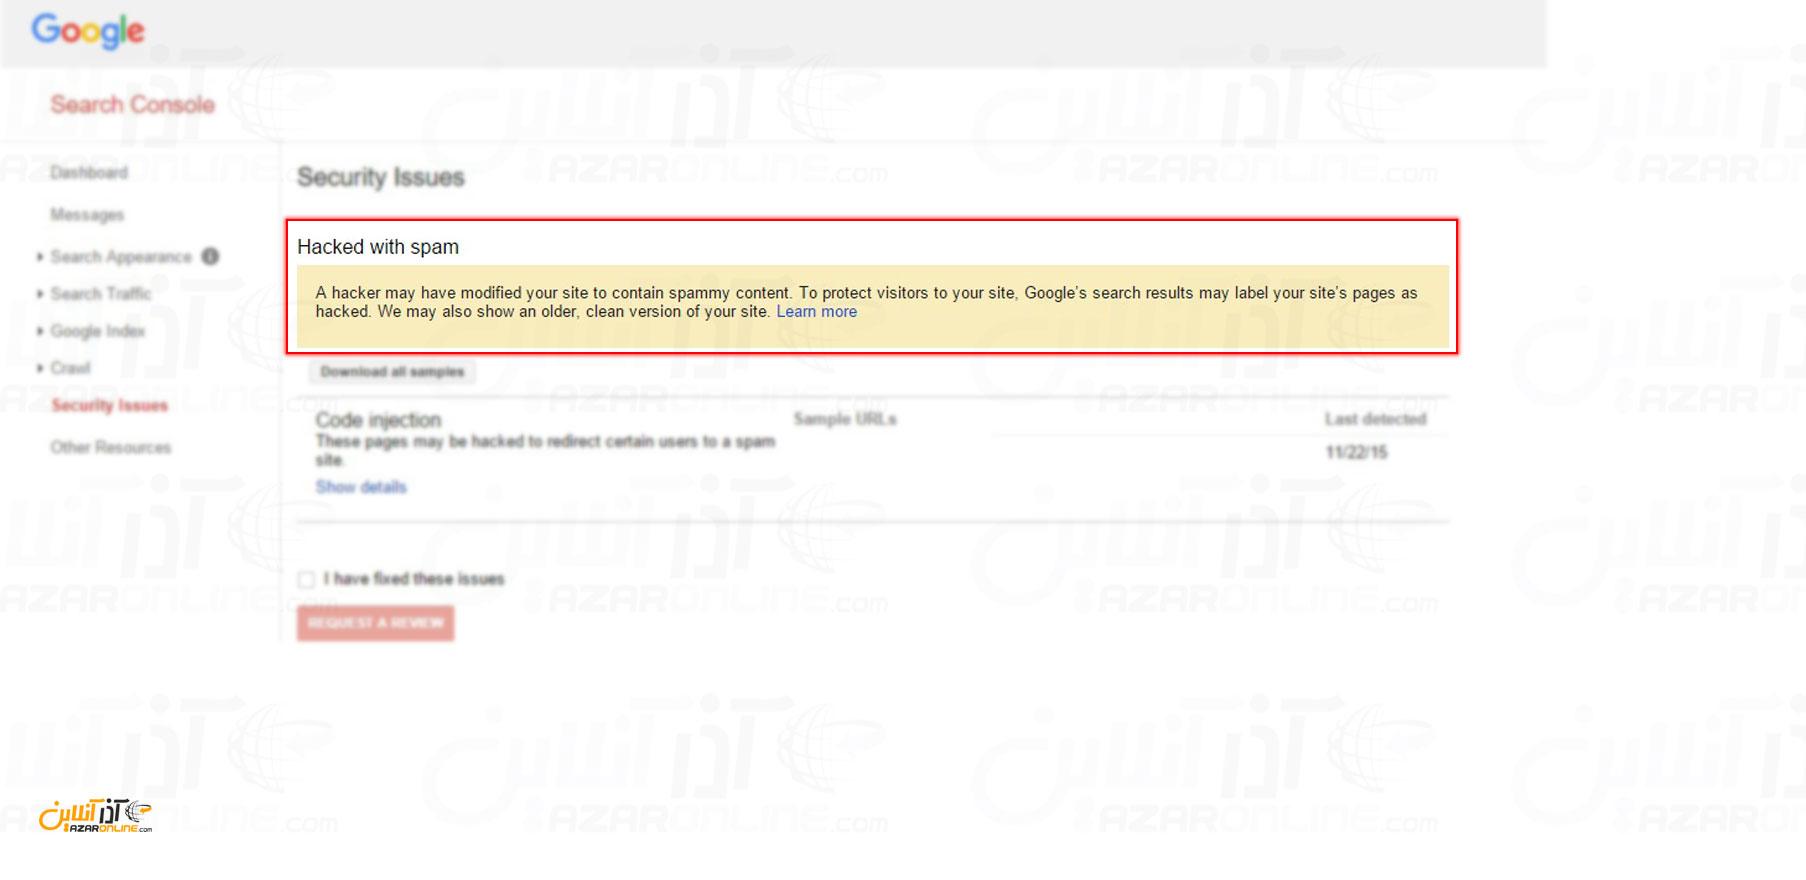 نمایش نمونه خطایی که در بخش Security issue گوگل نشان داده شده است